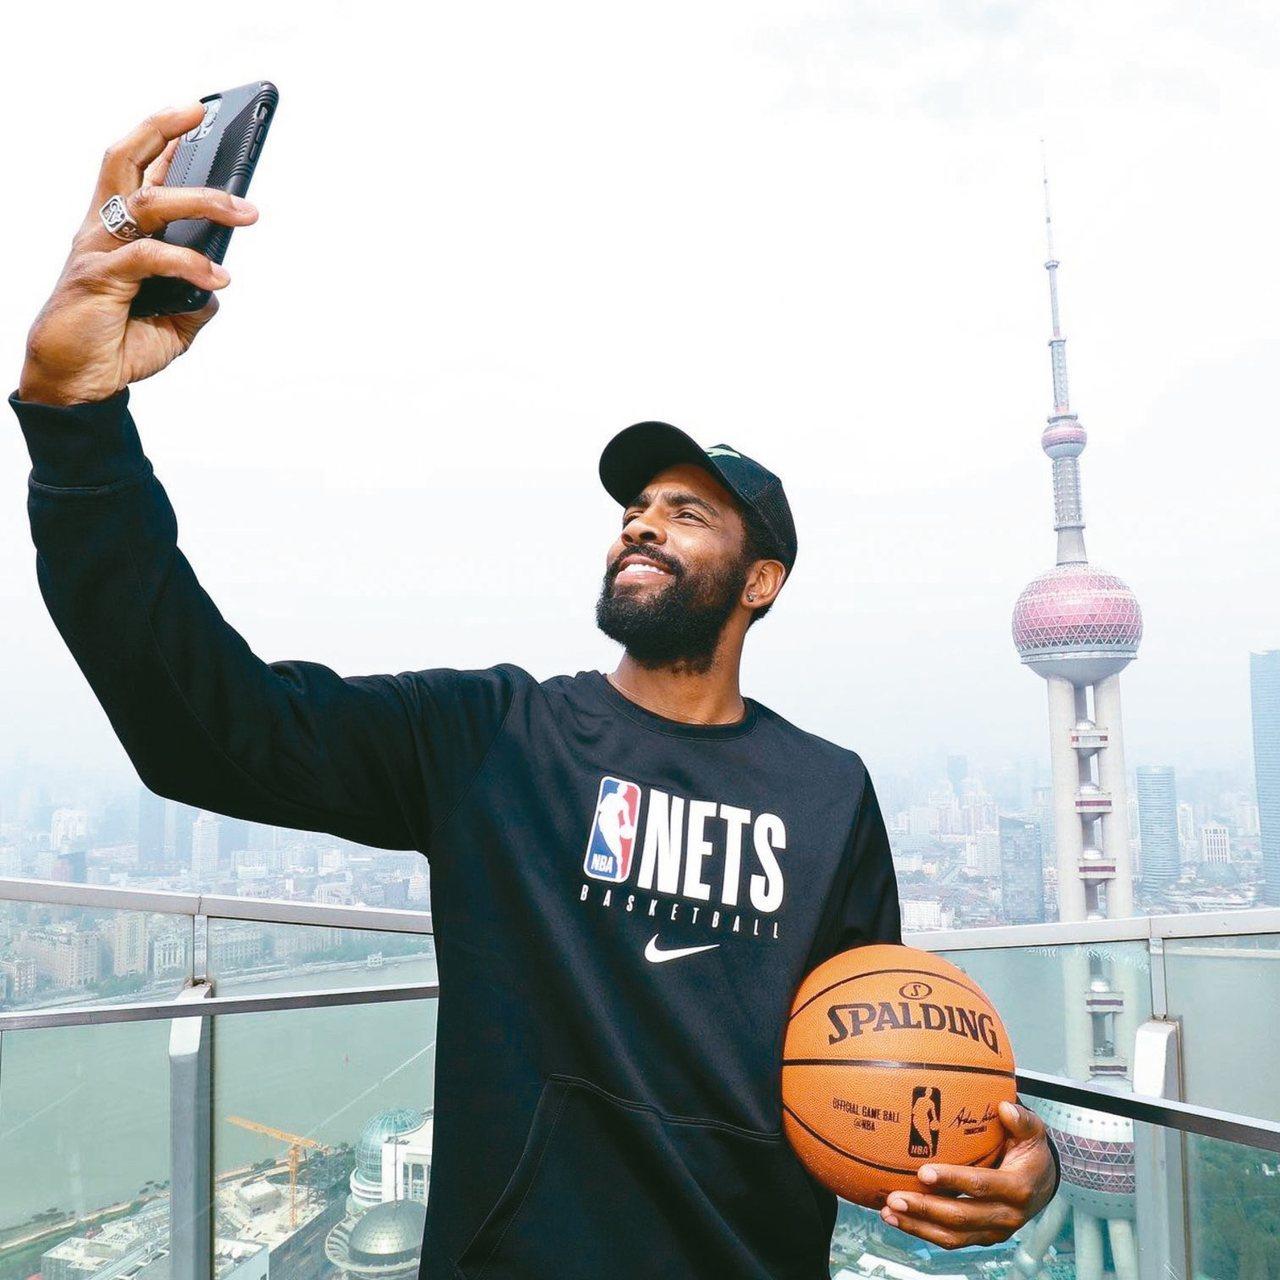 備戰NBA中國賽的籃網球星厄文,在上海地標東方明珠塔前自拍。 圖/取自籃網官方推...